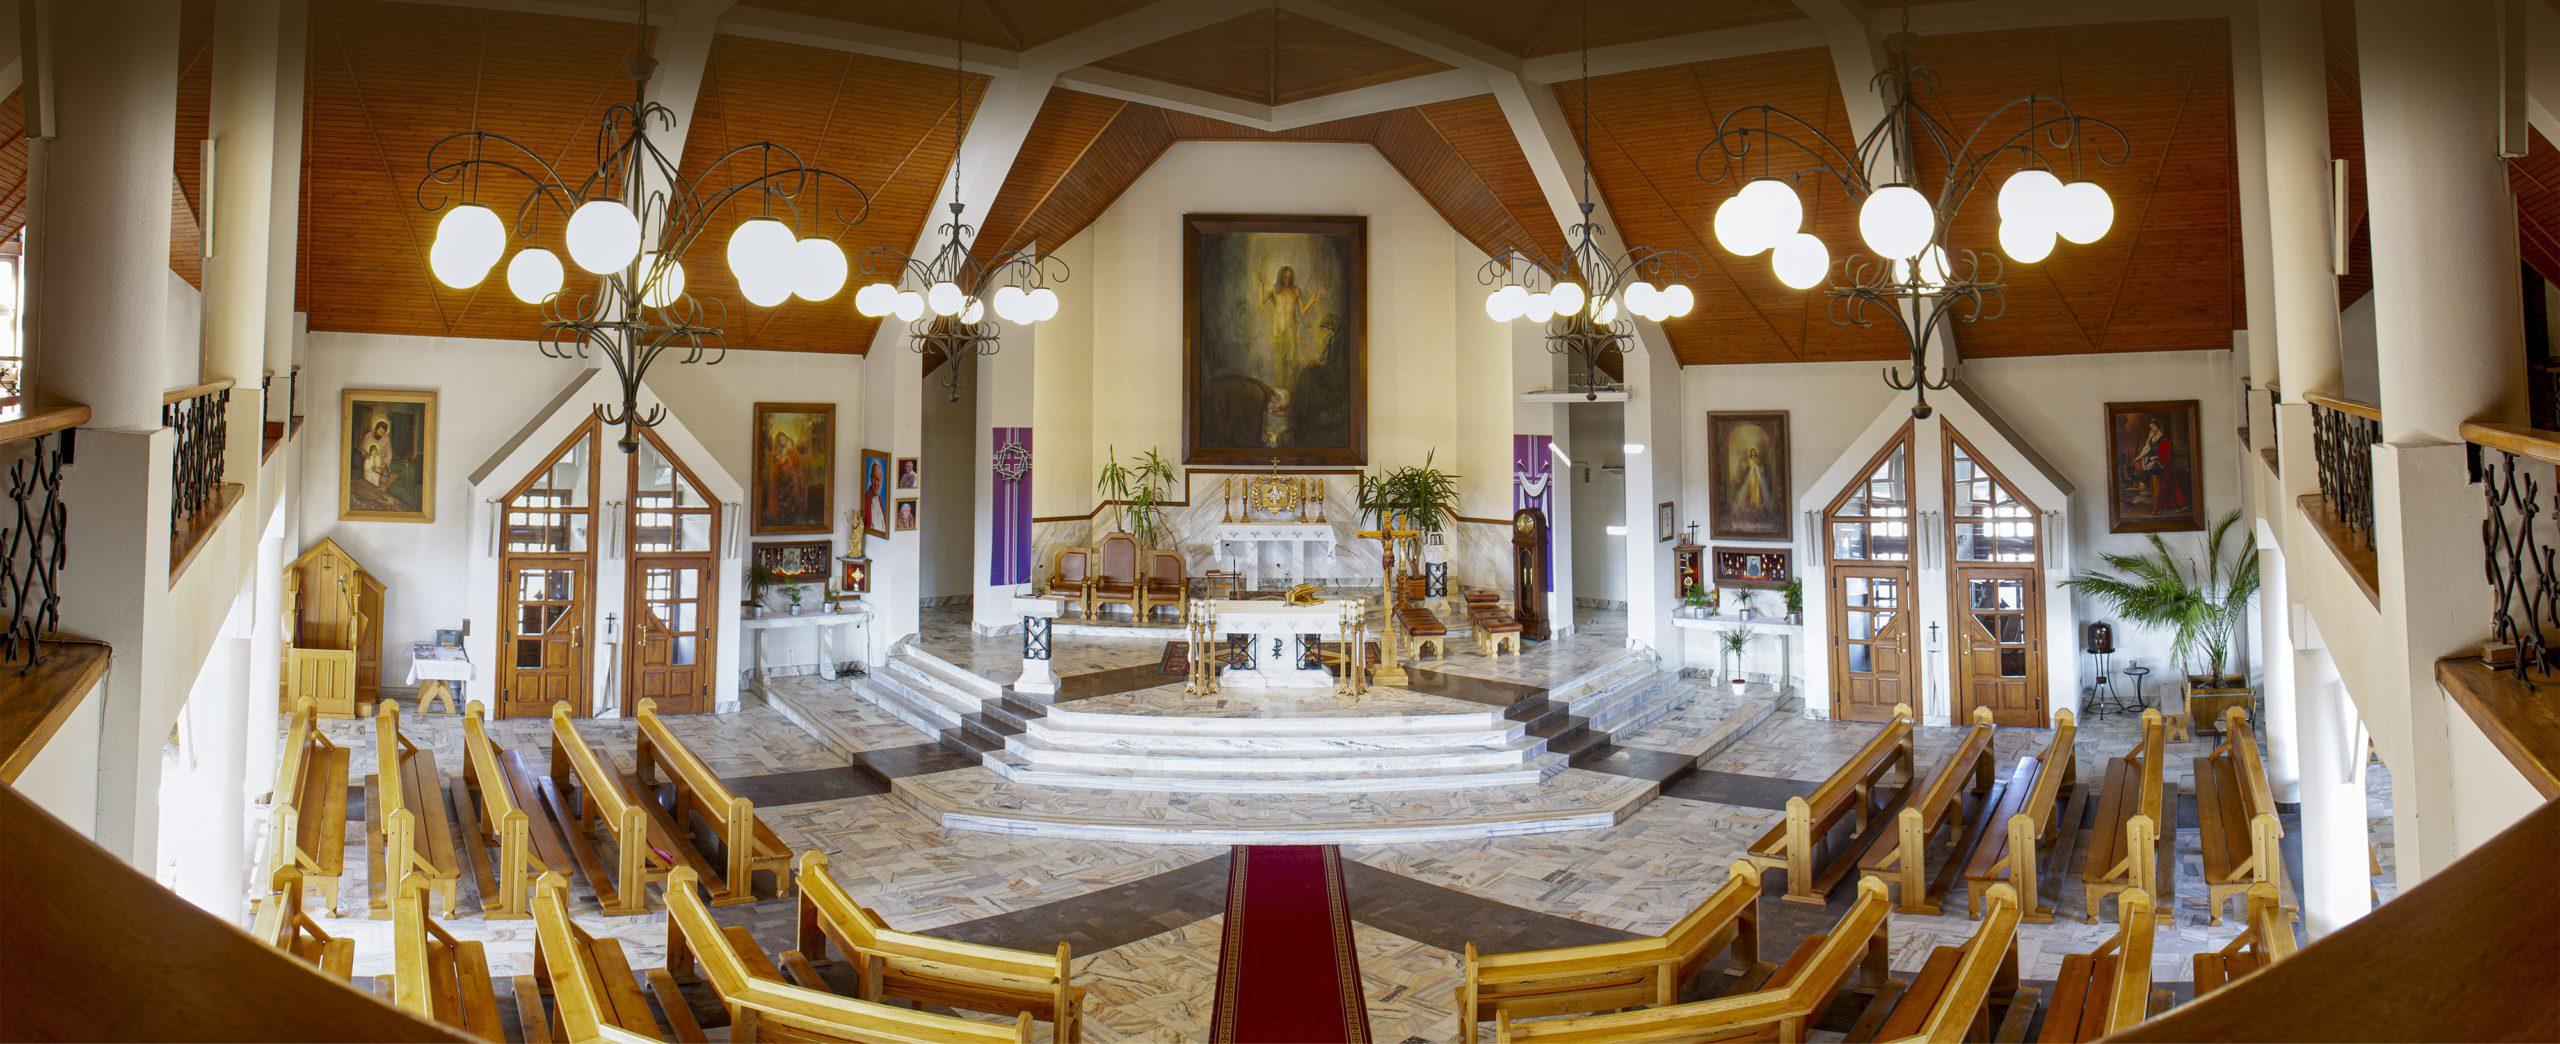 Wnętrze kościoła pw. Św. Brata Alberta w Nowym Targu